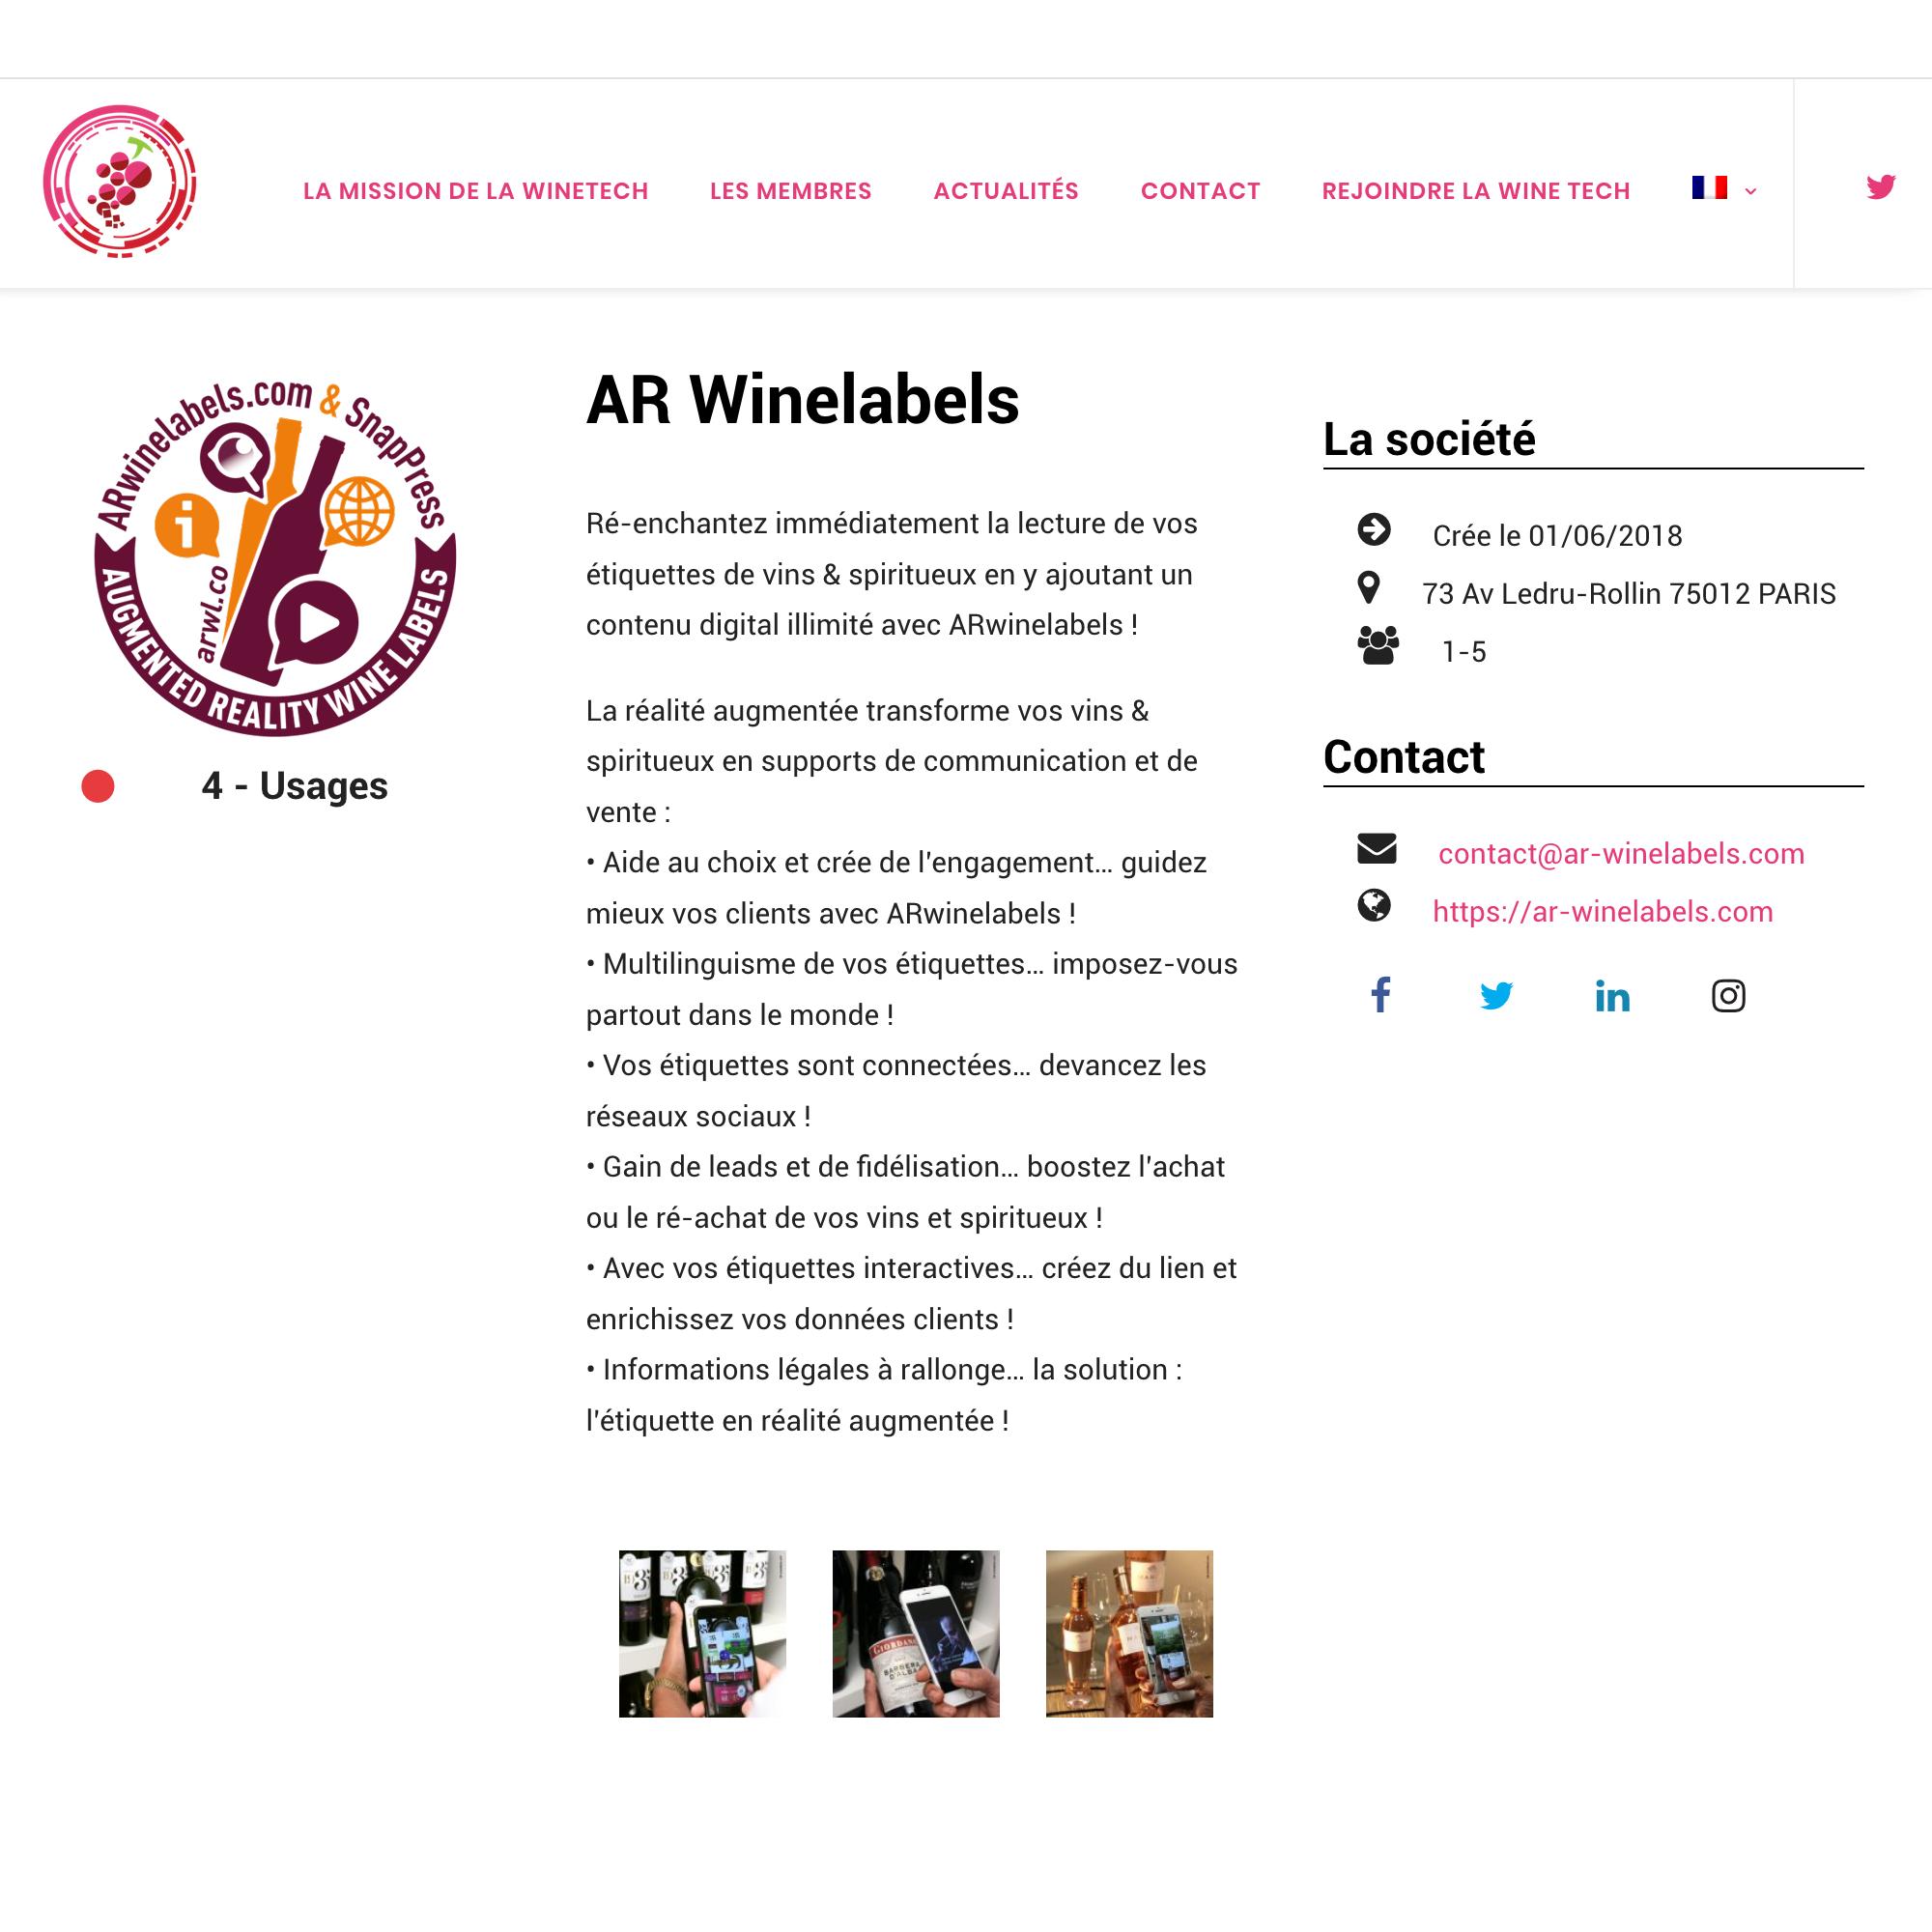 http://ar-winelabels.com/La